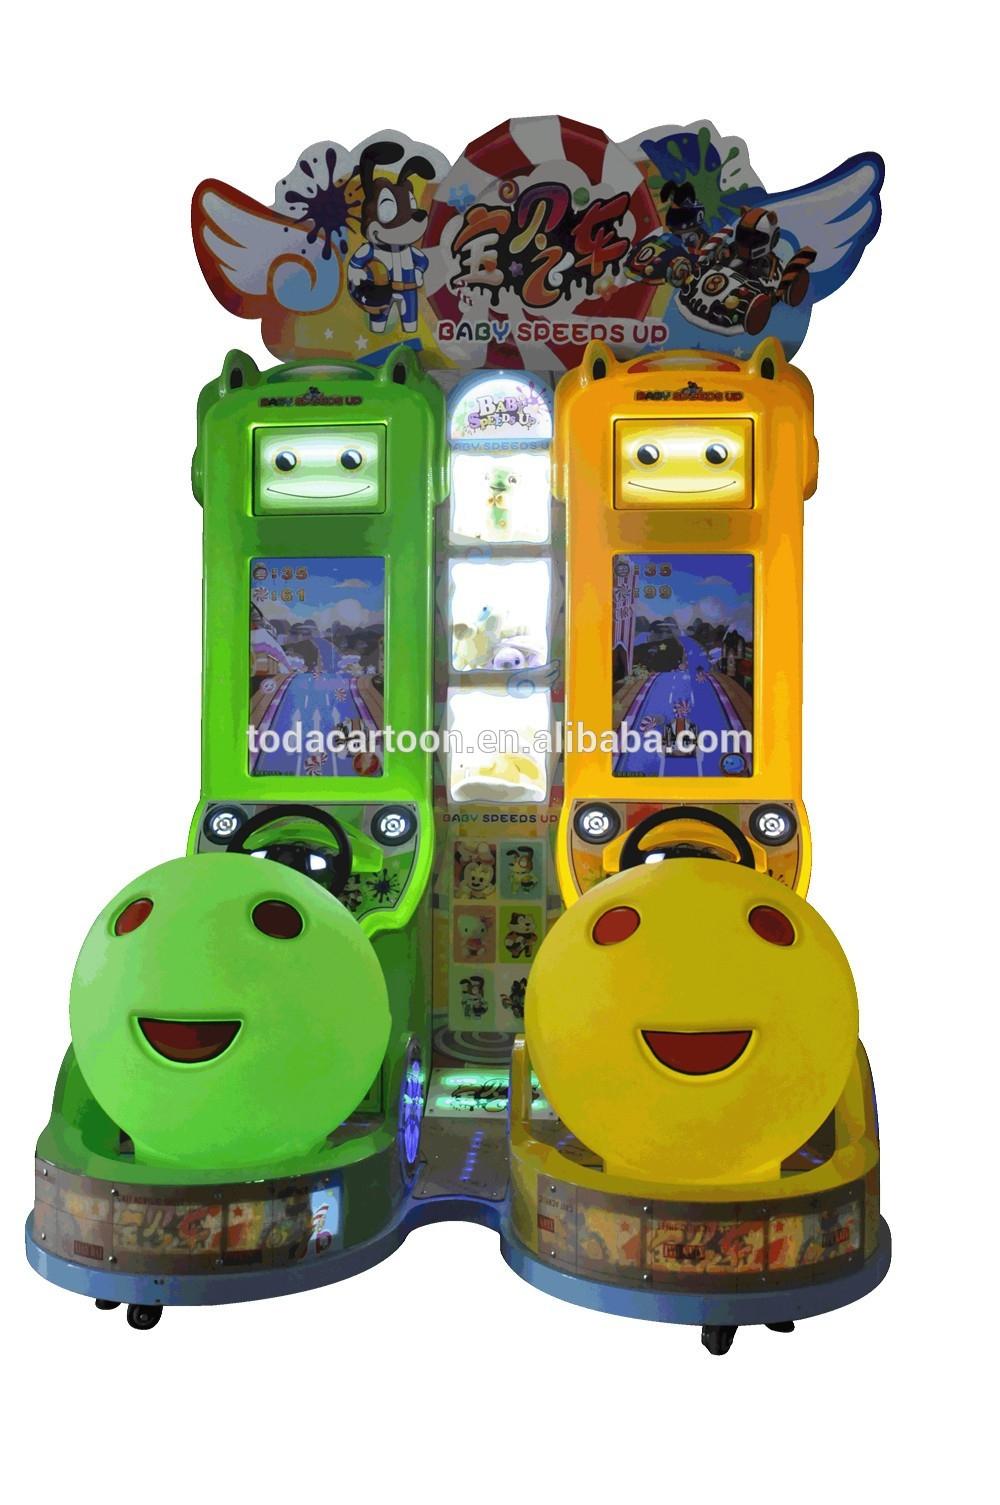 Toda Enfants Machine De Jeu Bébé Simulateur De Course D'arcade Gratuit  Jouer En Ligne Moteur Enfants Jeux De Voiture Pour Les Garçons Vente - Buy avec Jeux De Voiture Pour Bébé